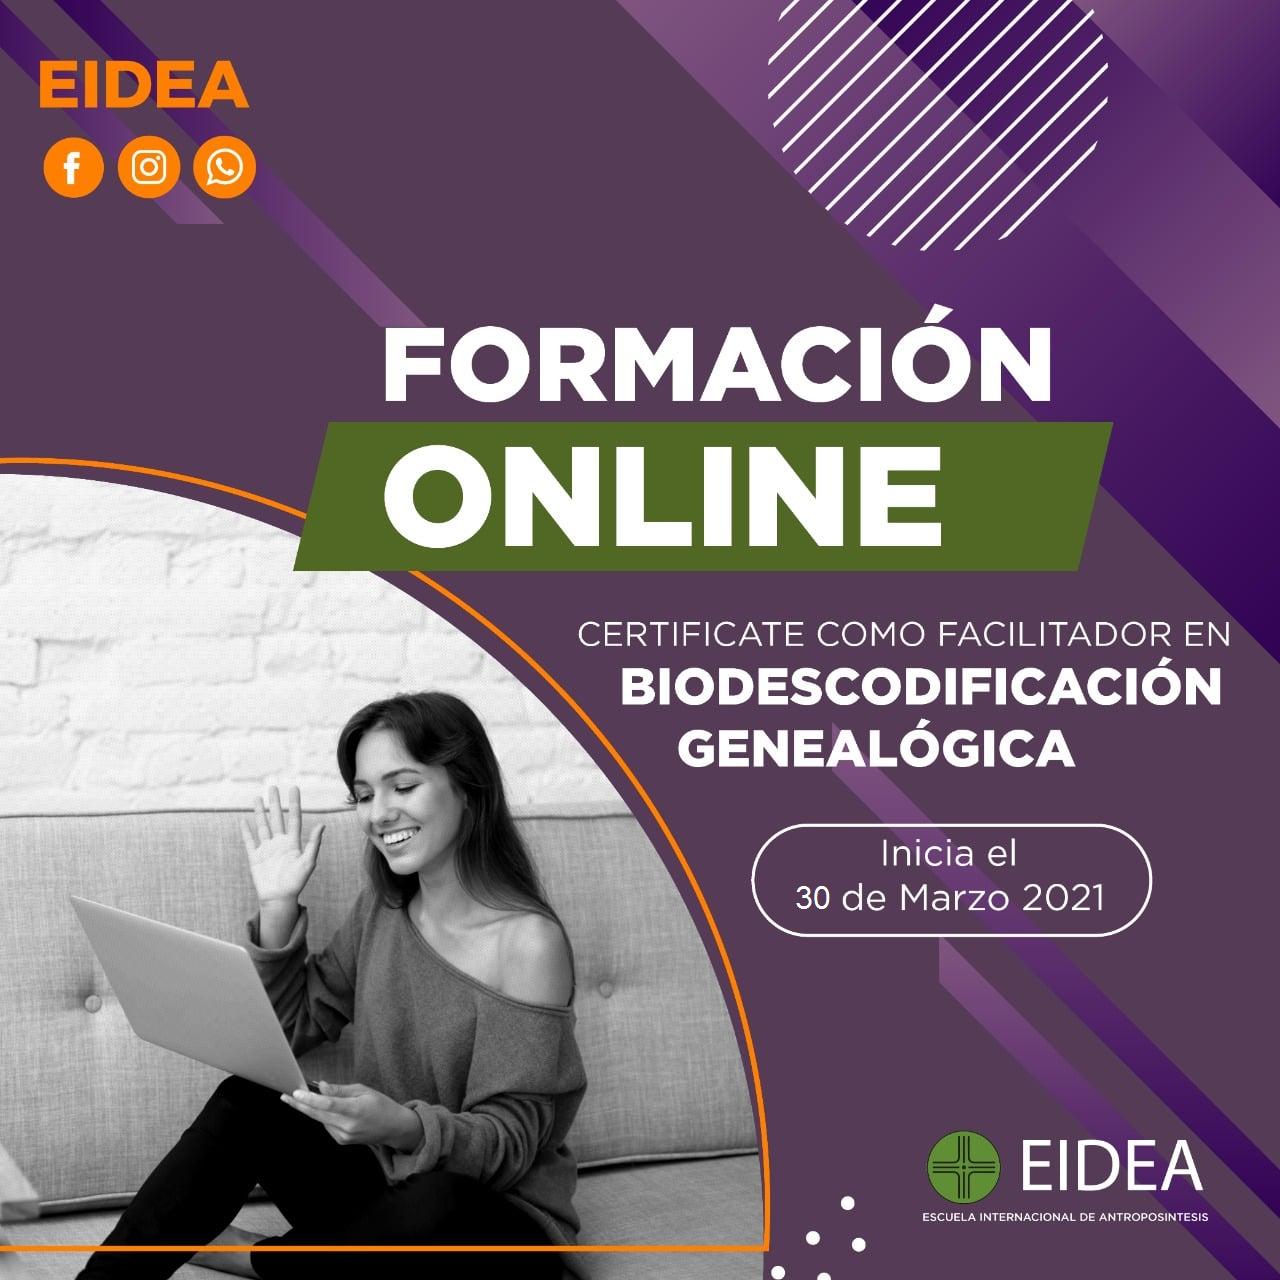 Biodescodificación genealógica